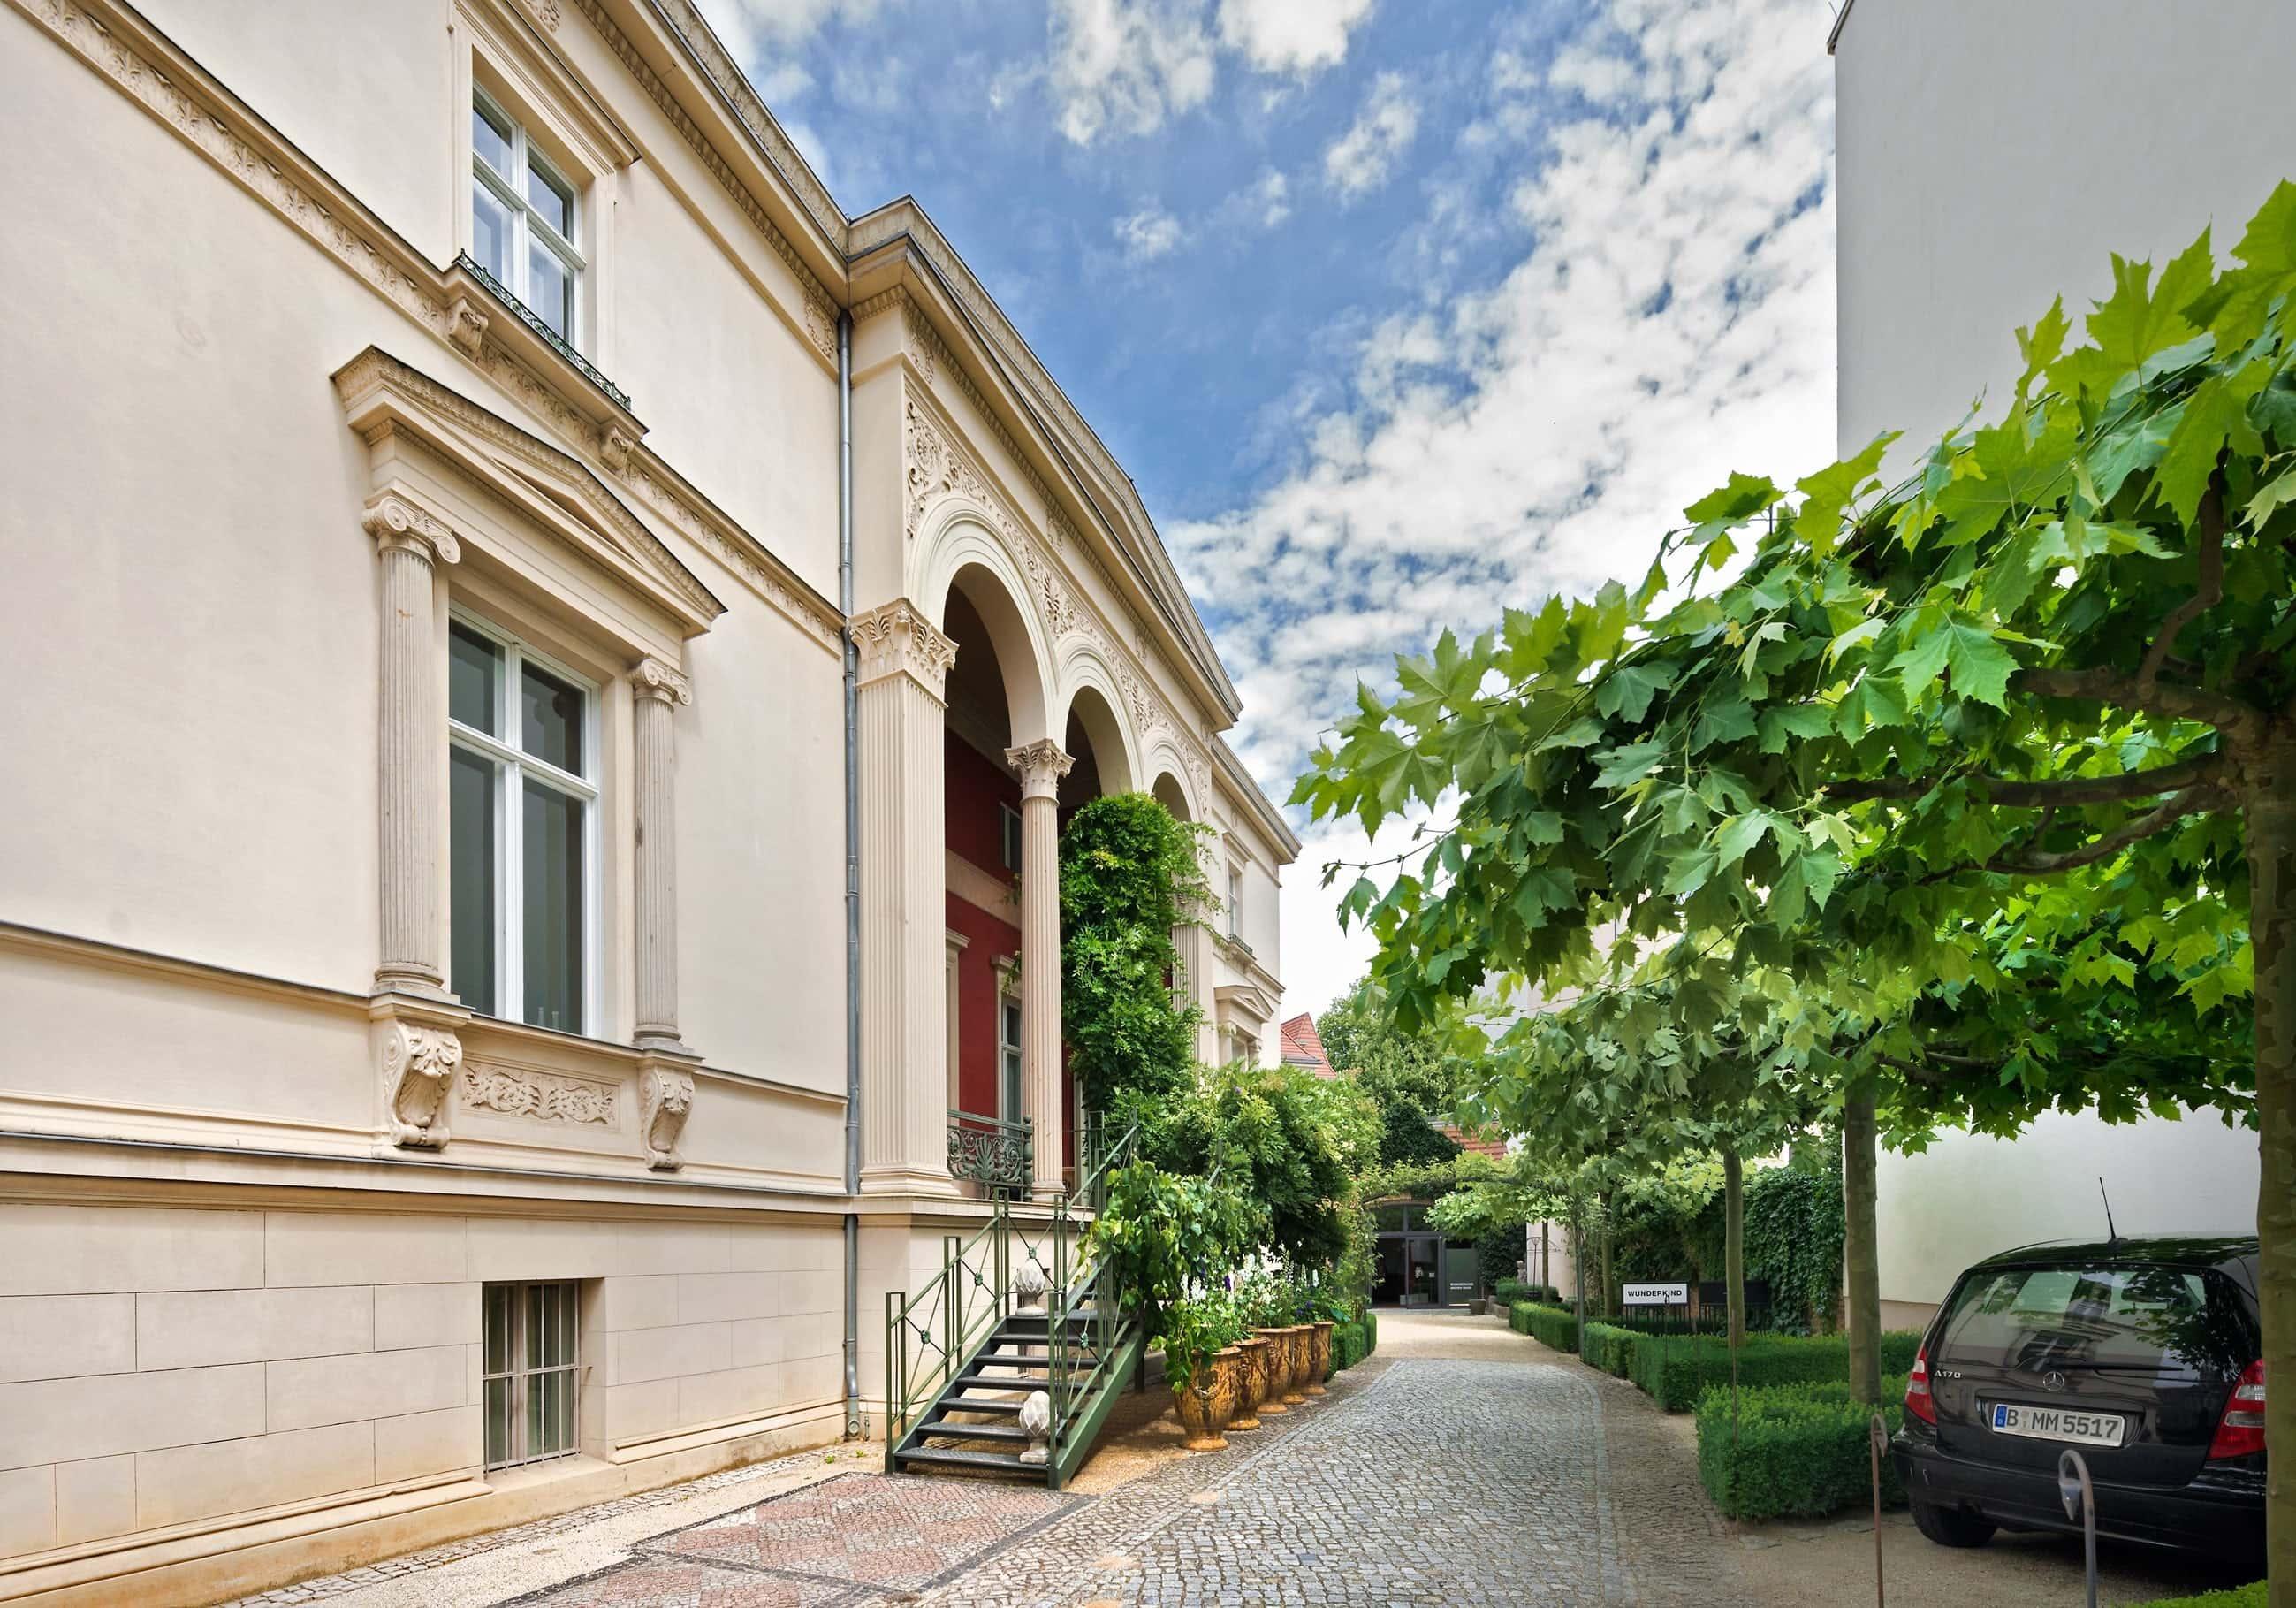 Architektur in Potsdam